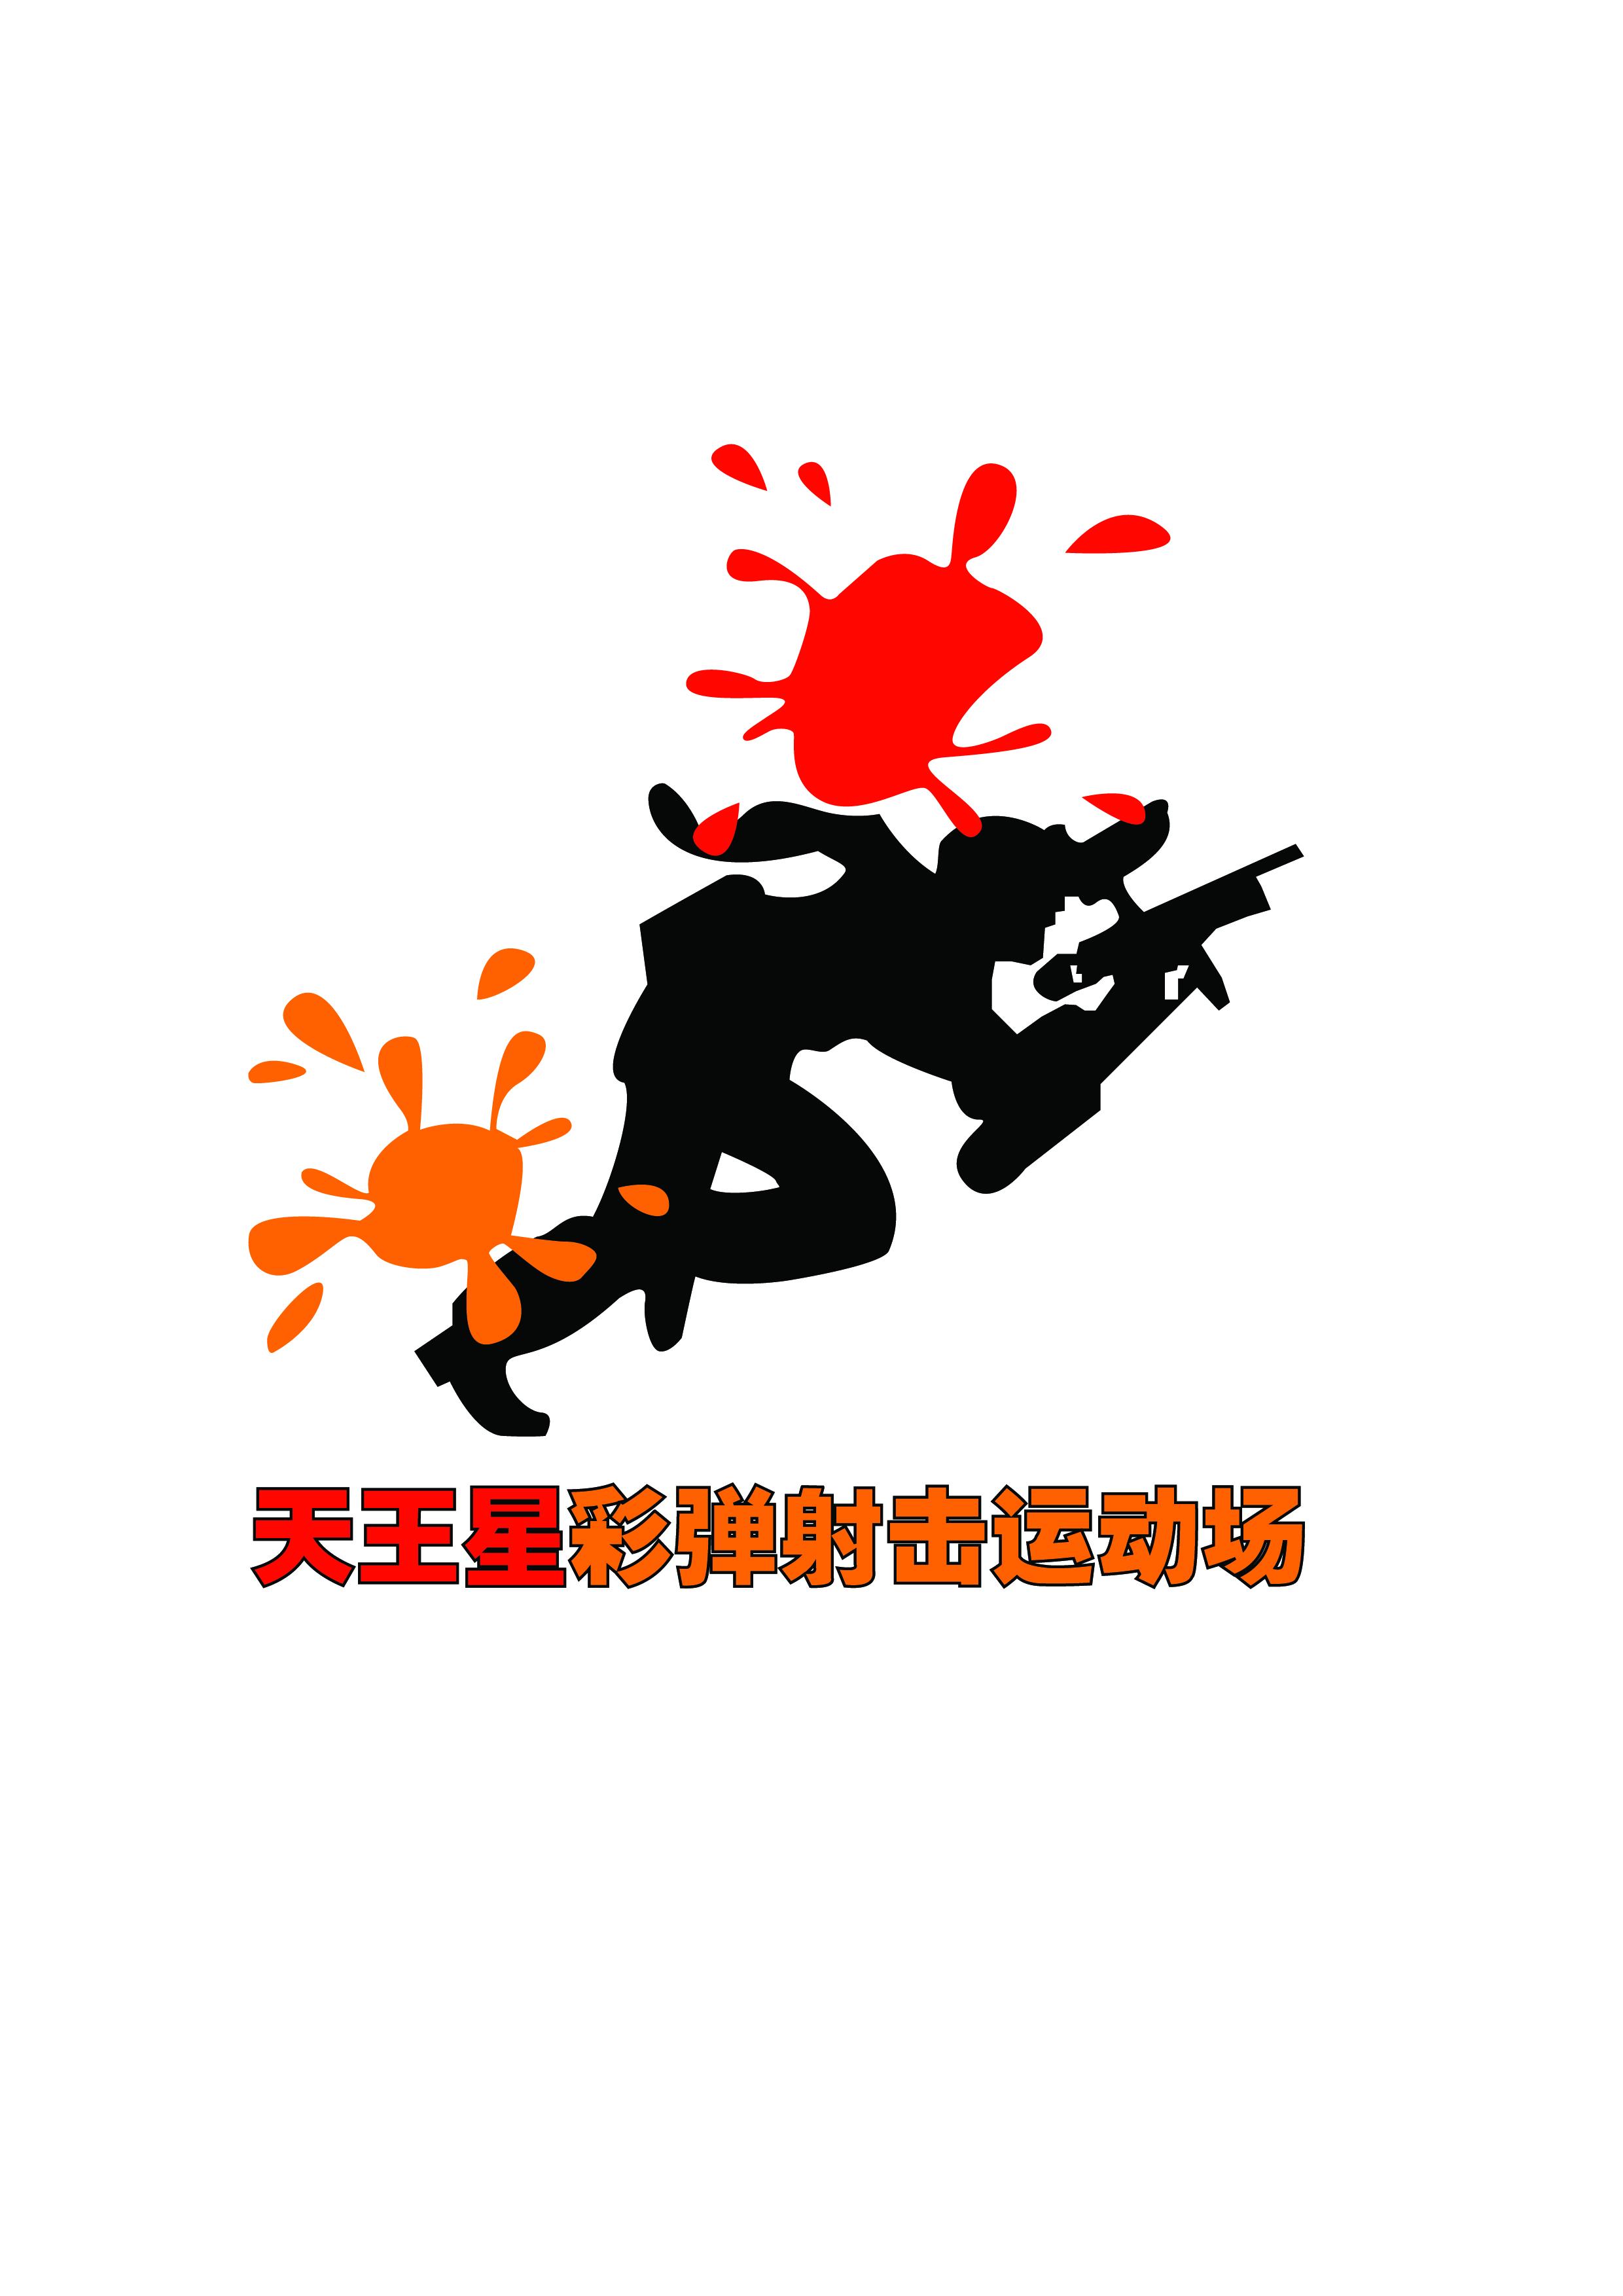 錫山區天王星彩彈射擊運動場